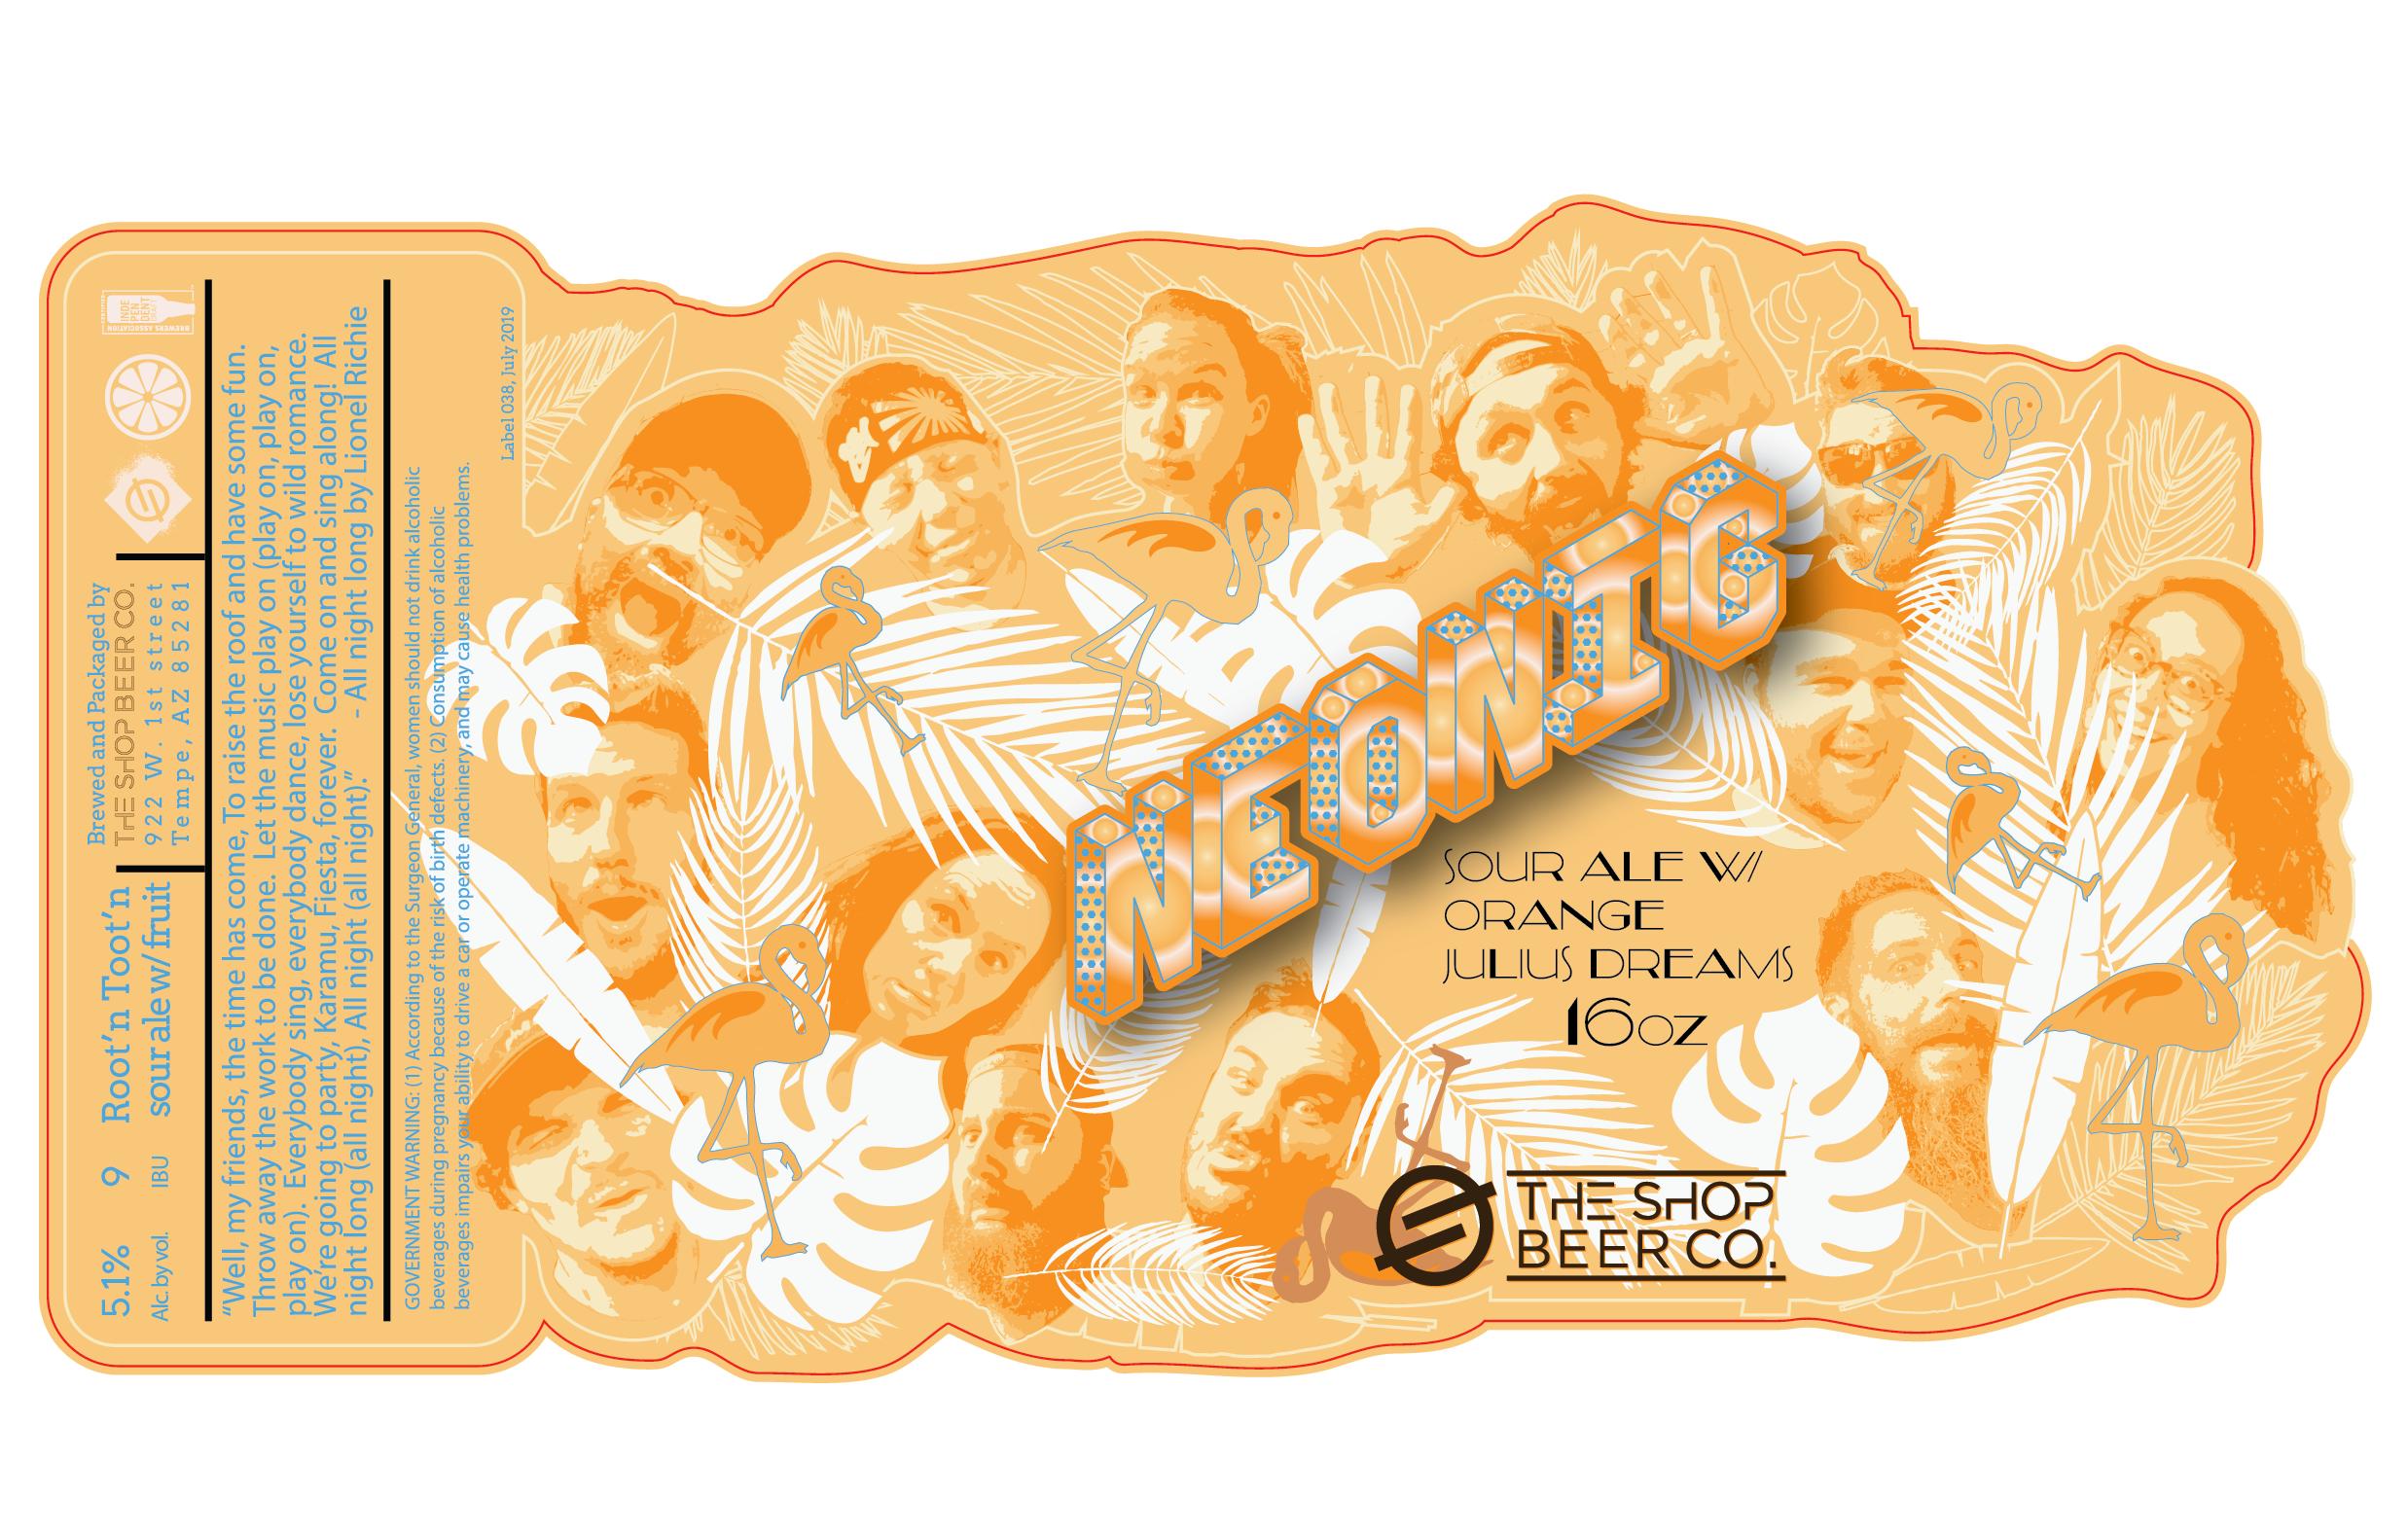 Neonic_orange julius__6-24-19-01.png